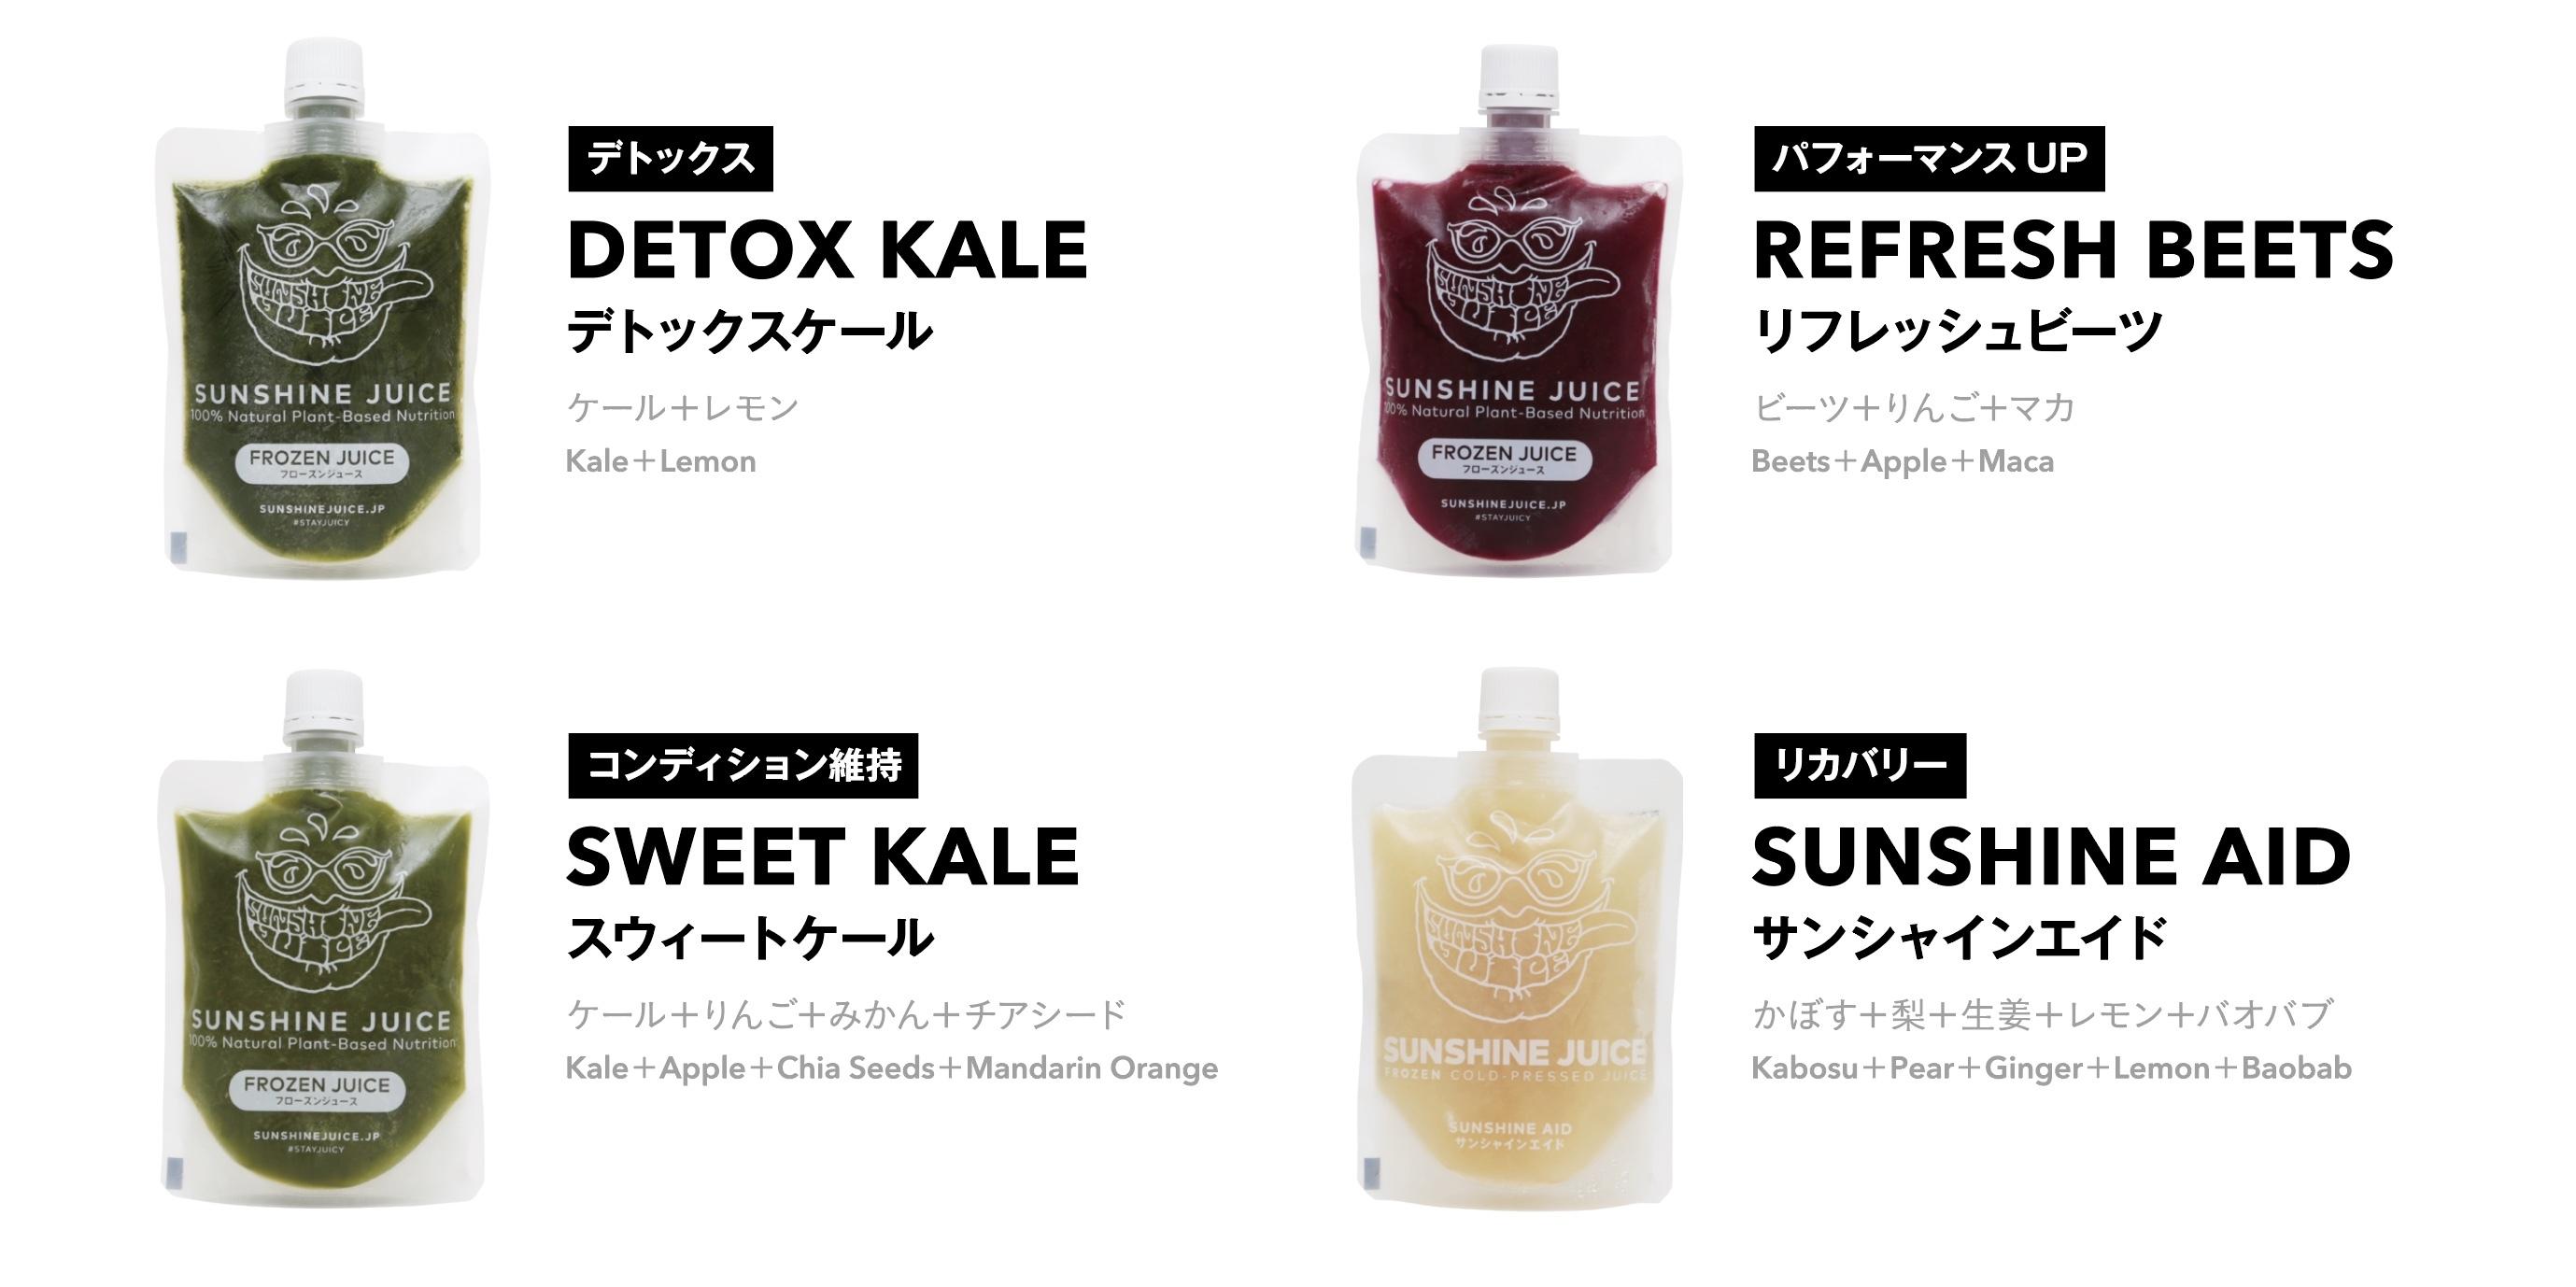 九州初上陸!日本初のコールドプレスジュース専門店「サンシャインジュース」がCRATE GYM内で販売... 画像